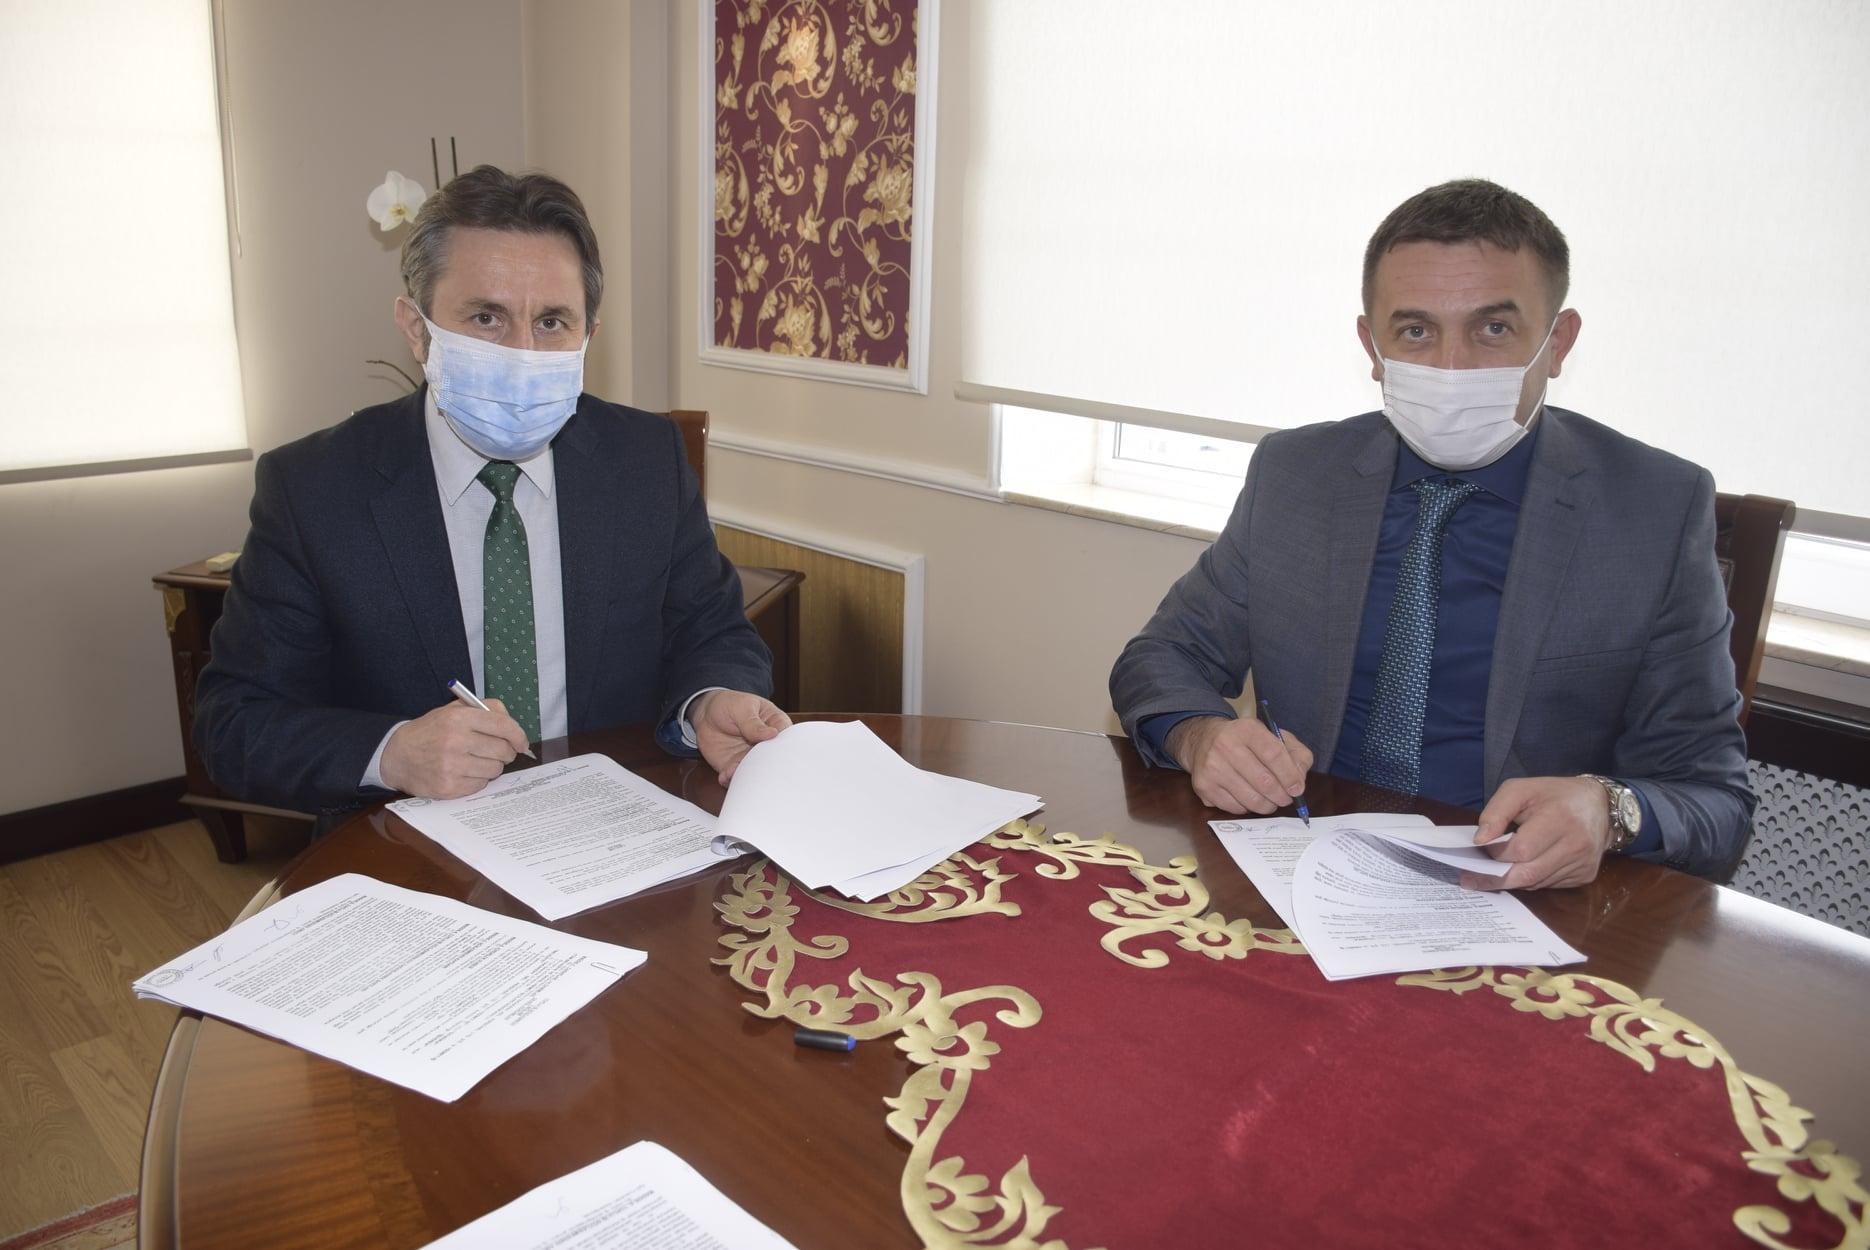 Yakakent Belediyesi Personel Ltd. Şti. ile Hizmet-İş Sendikası arasında KHK ile kadroya geçen 30 belediye işçisini kapsayan Toplu İş Sözleşmesi imzalandı.